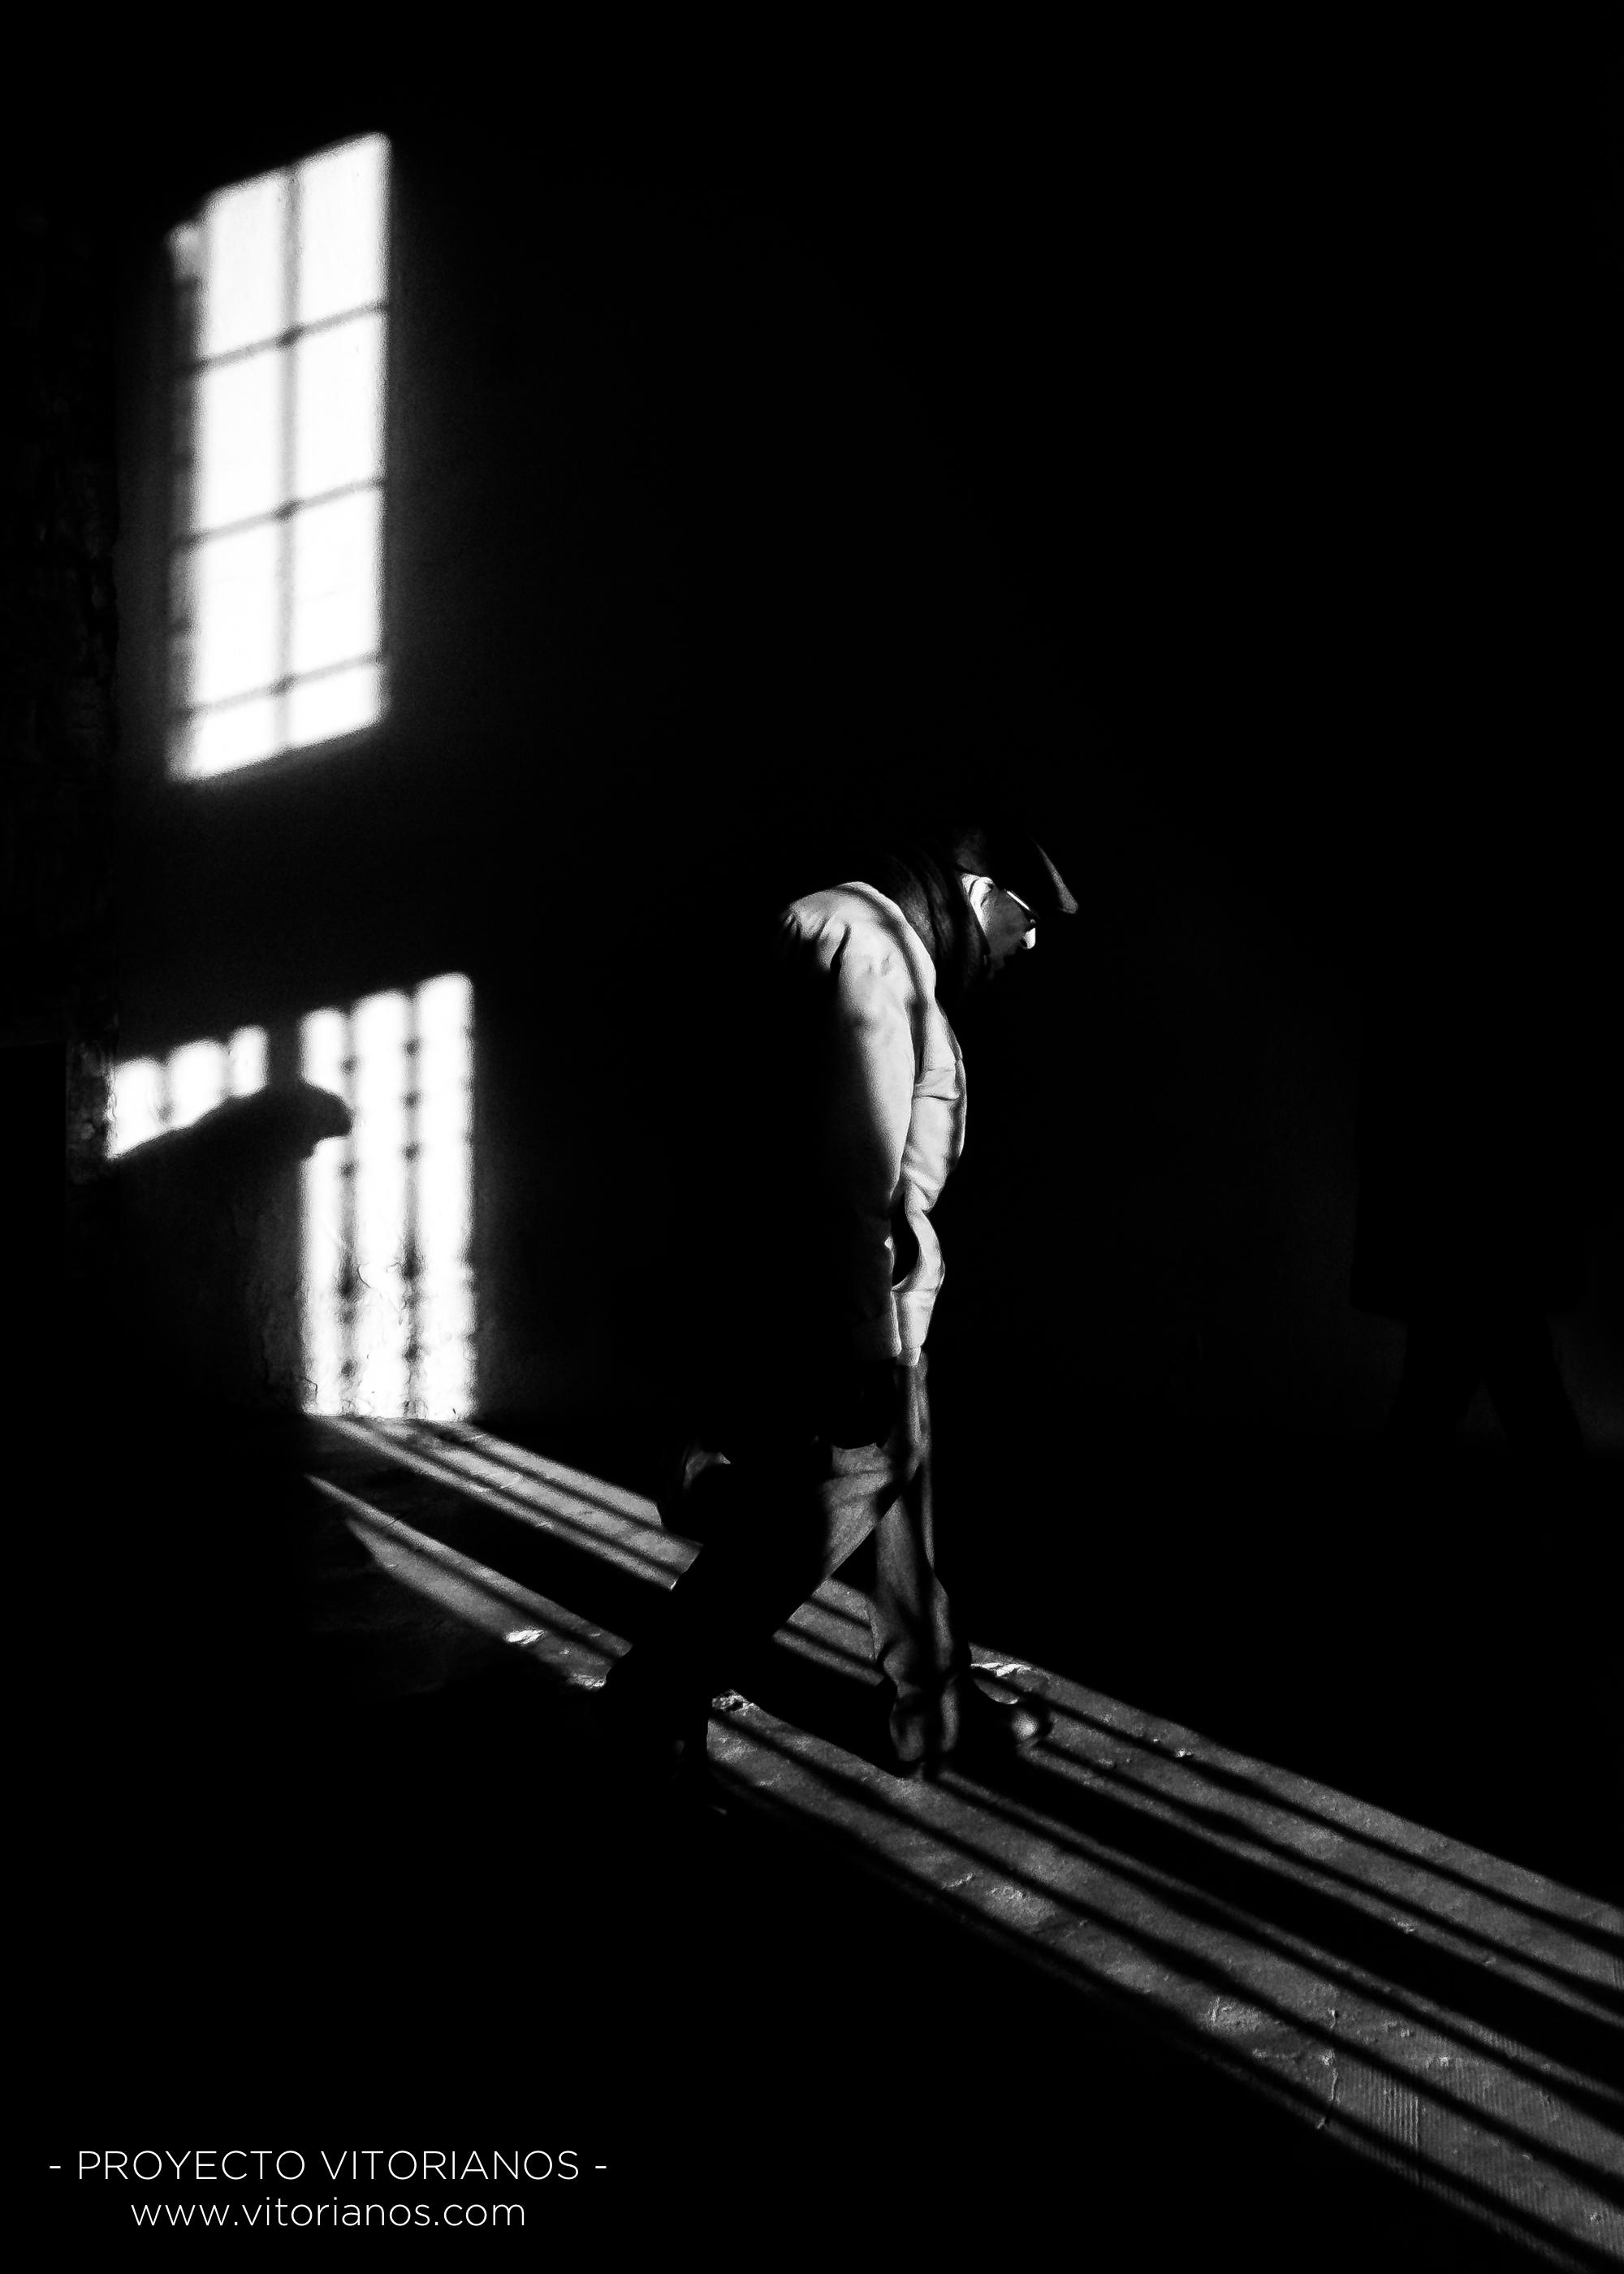 Vitoriano en la oscuridad - Foto: Sandra Sastre